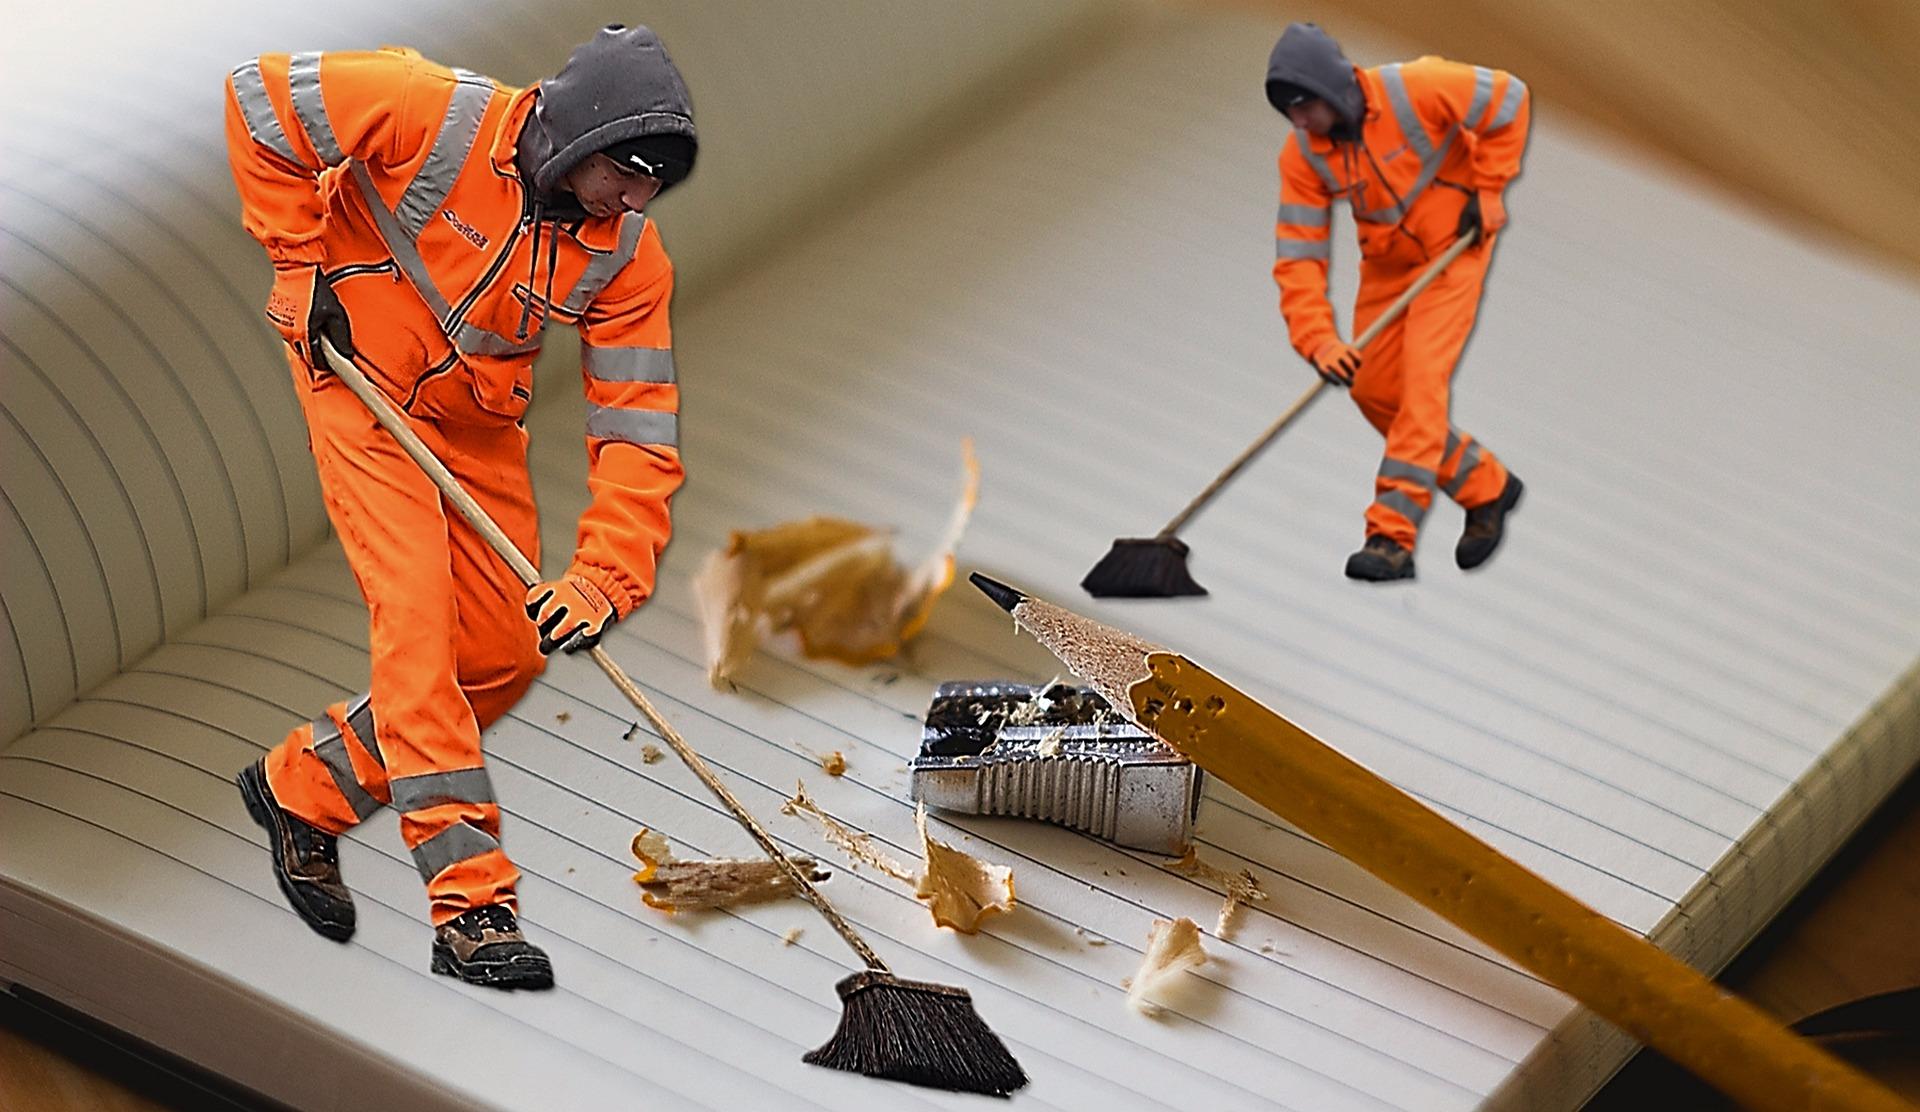 Notizblock und Reinigung. Quelle: Pixabay, AxxLC